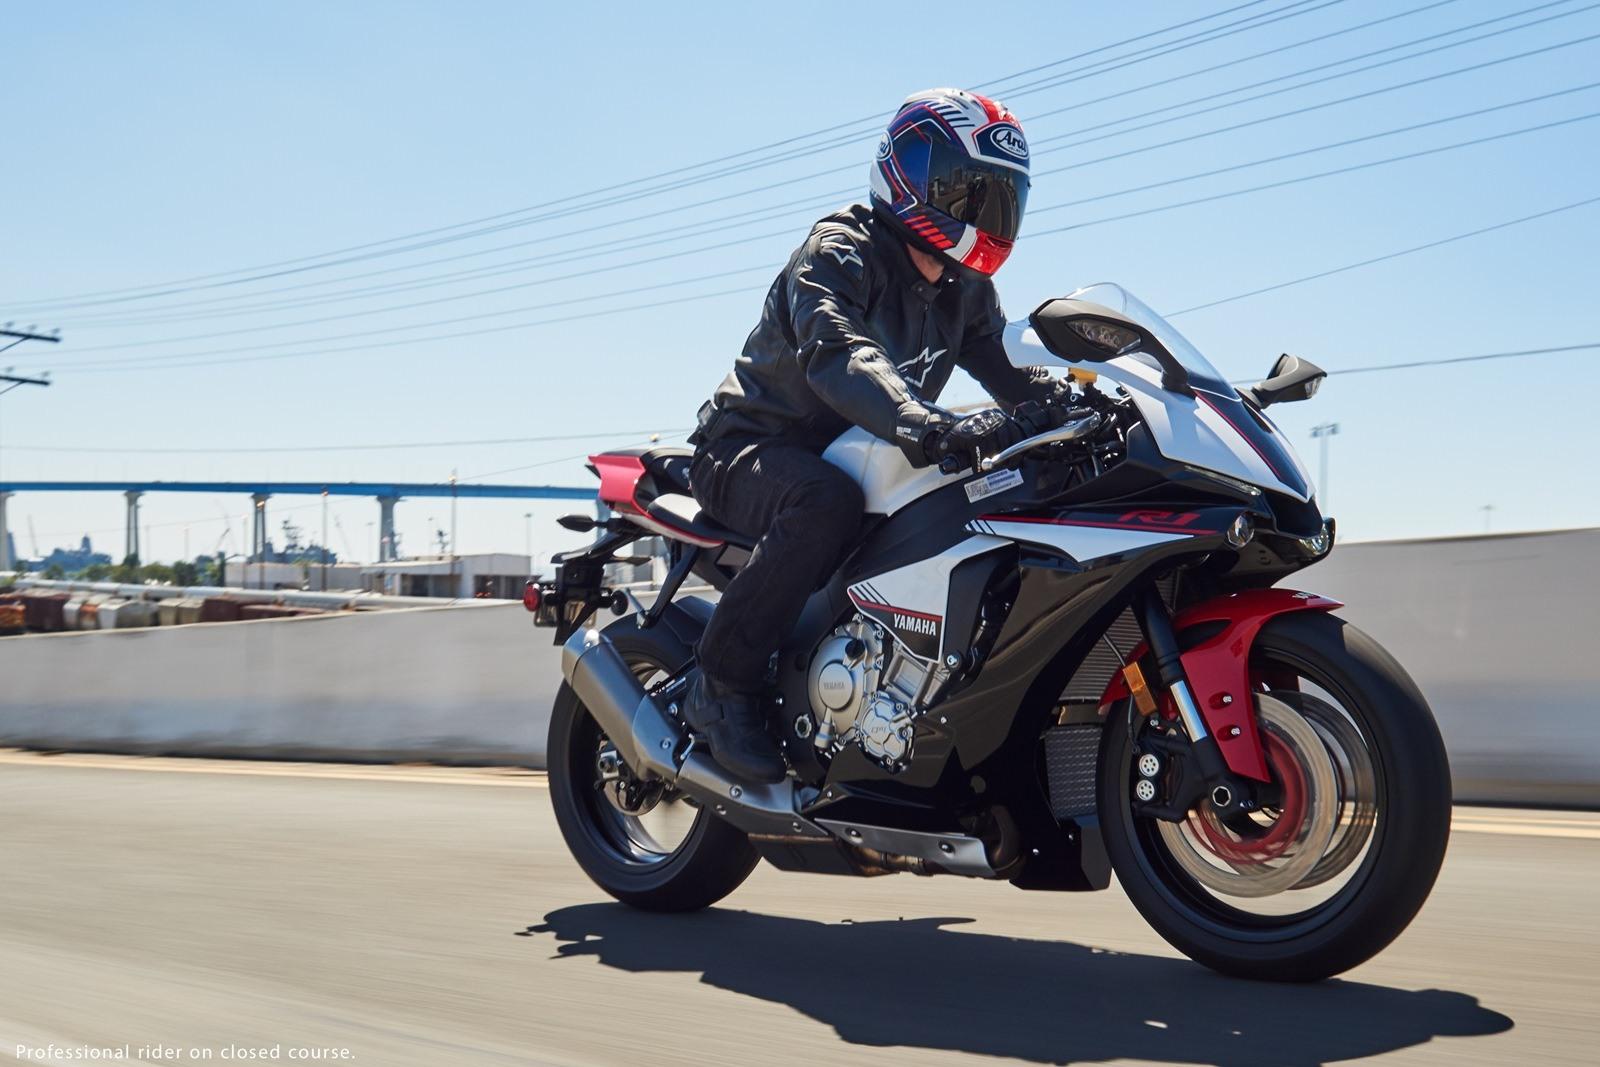 2016 Yamaha R1S - 01